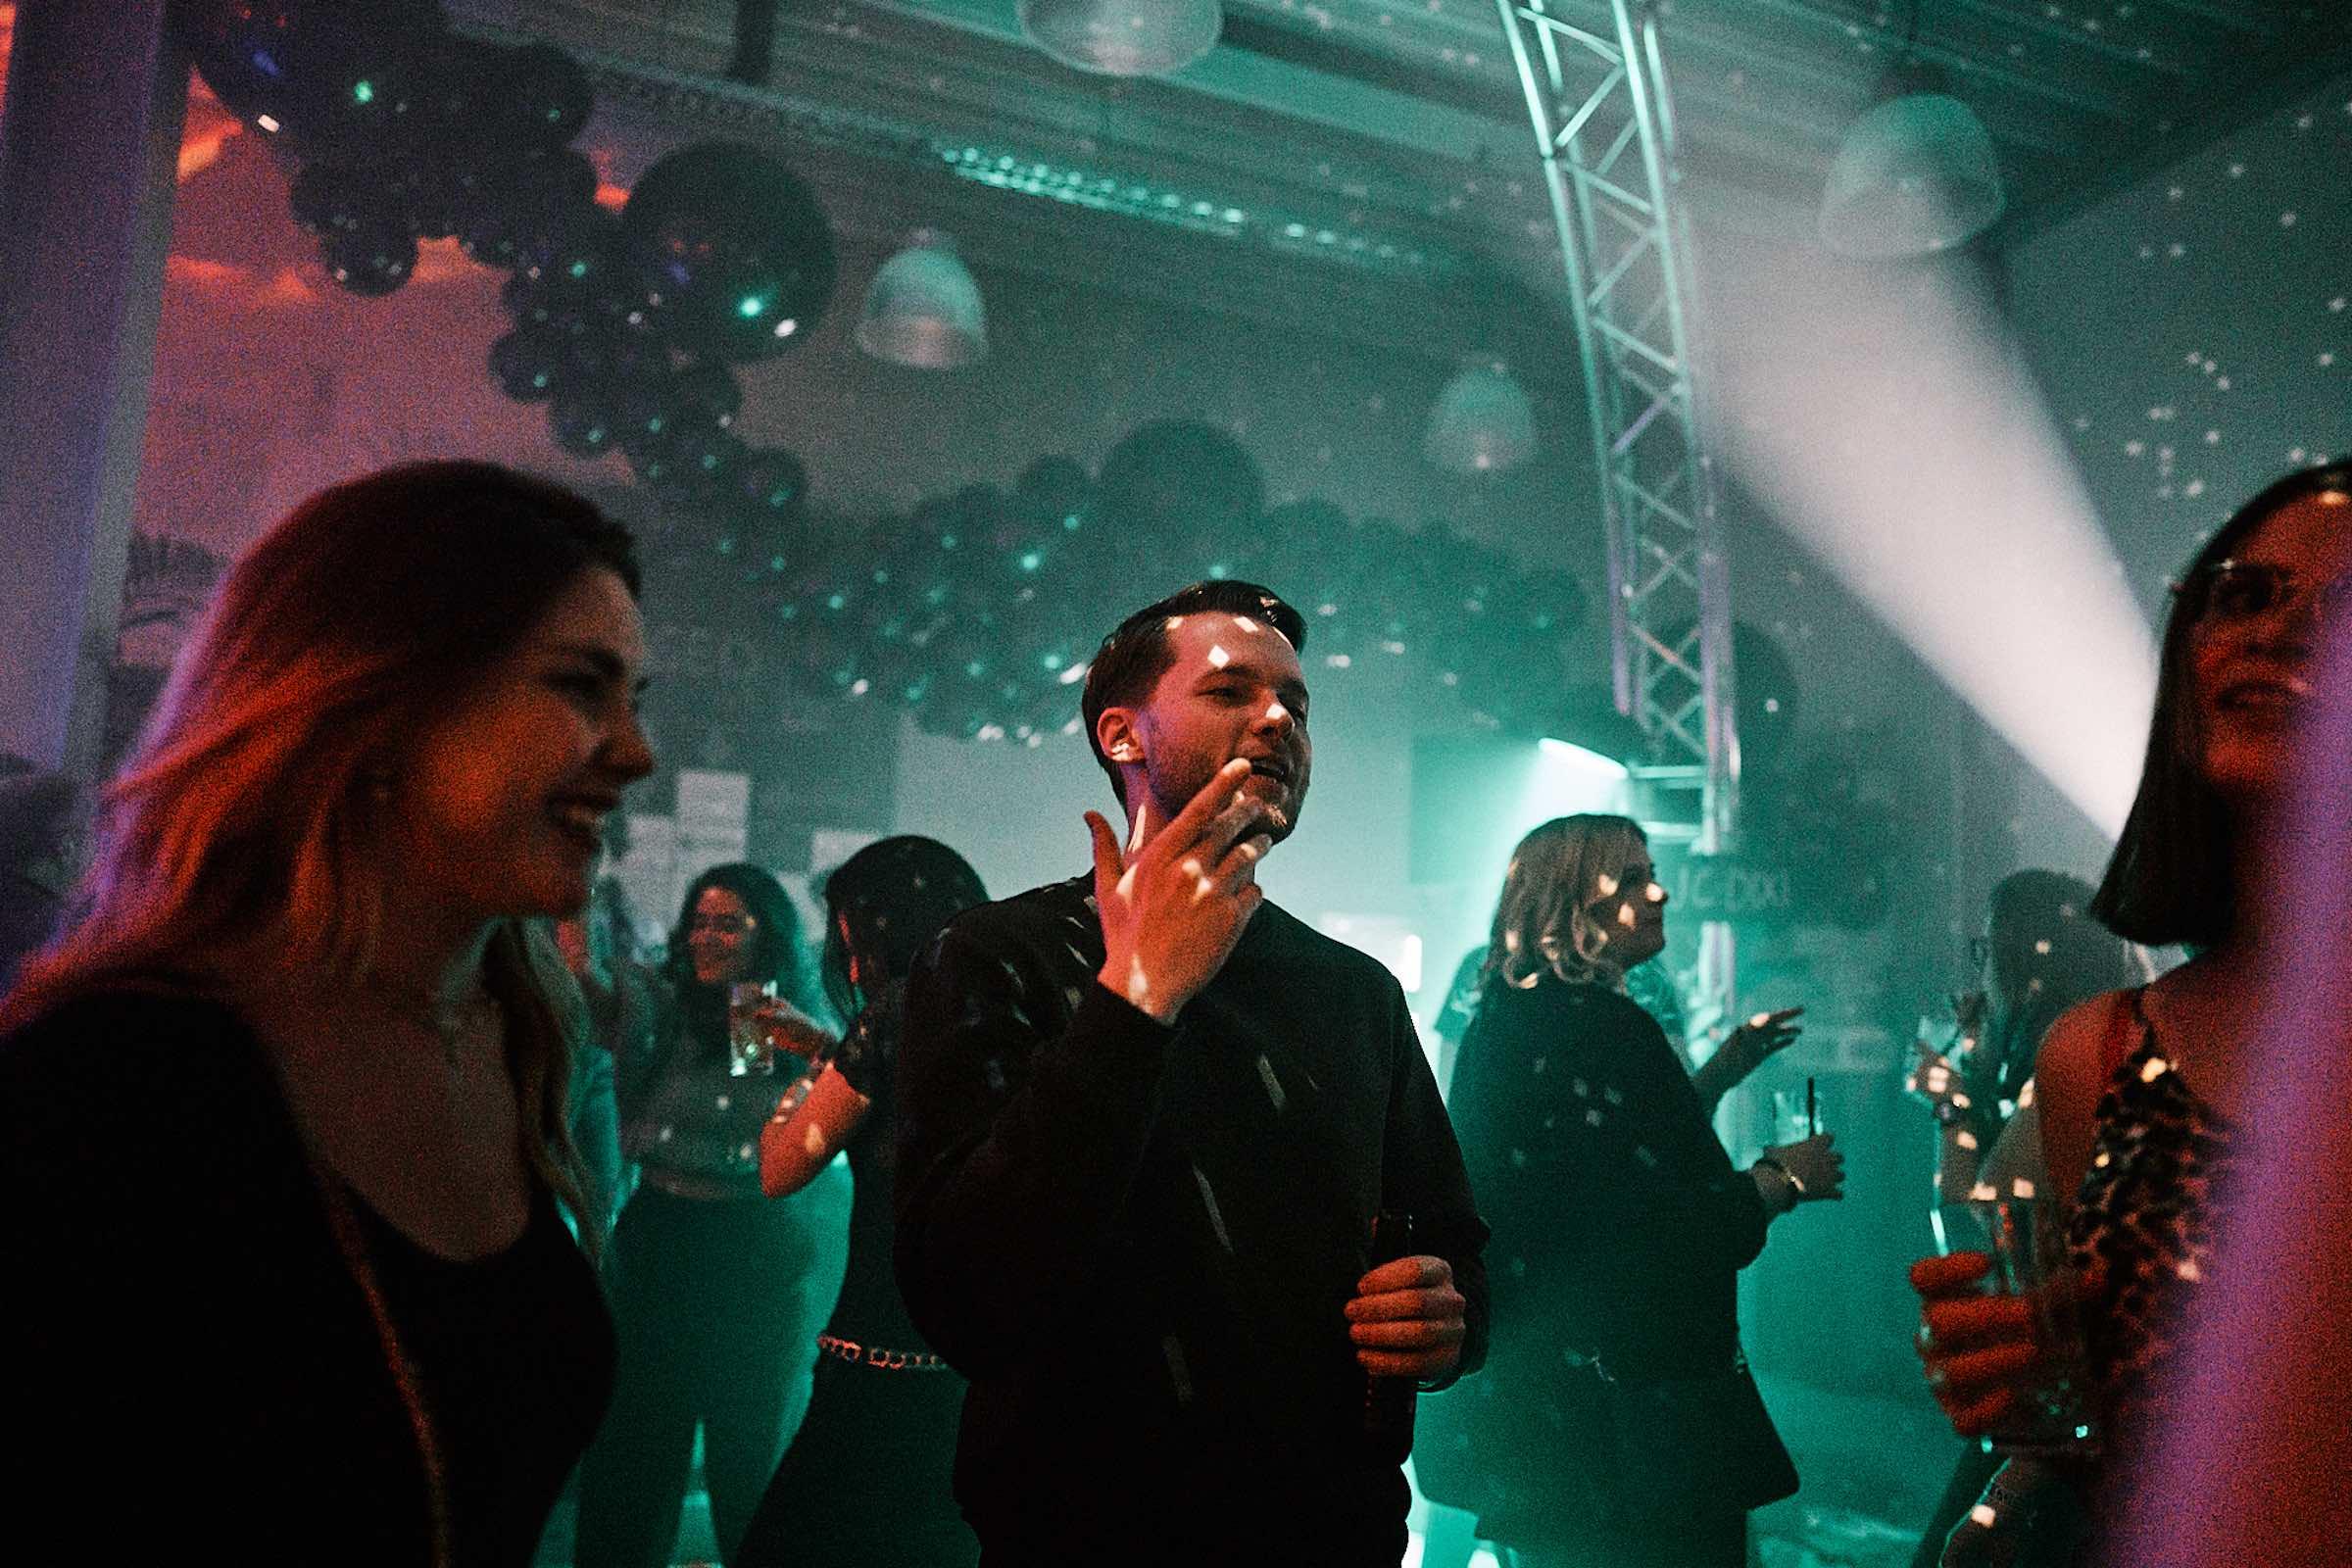 DJ | Hannover | DJ | Agentur | DJ | Messe | Hochzeits | DJ | Hannover | DJ | Firmenevent | Firmenfeier | DJ | Geburtstag | DJ | Weihnachtsfeier | DJ | Sommerfest | Buchen | Anfragen | Lehmann | Eventservice